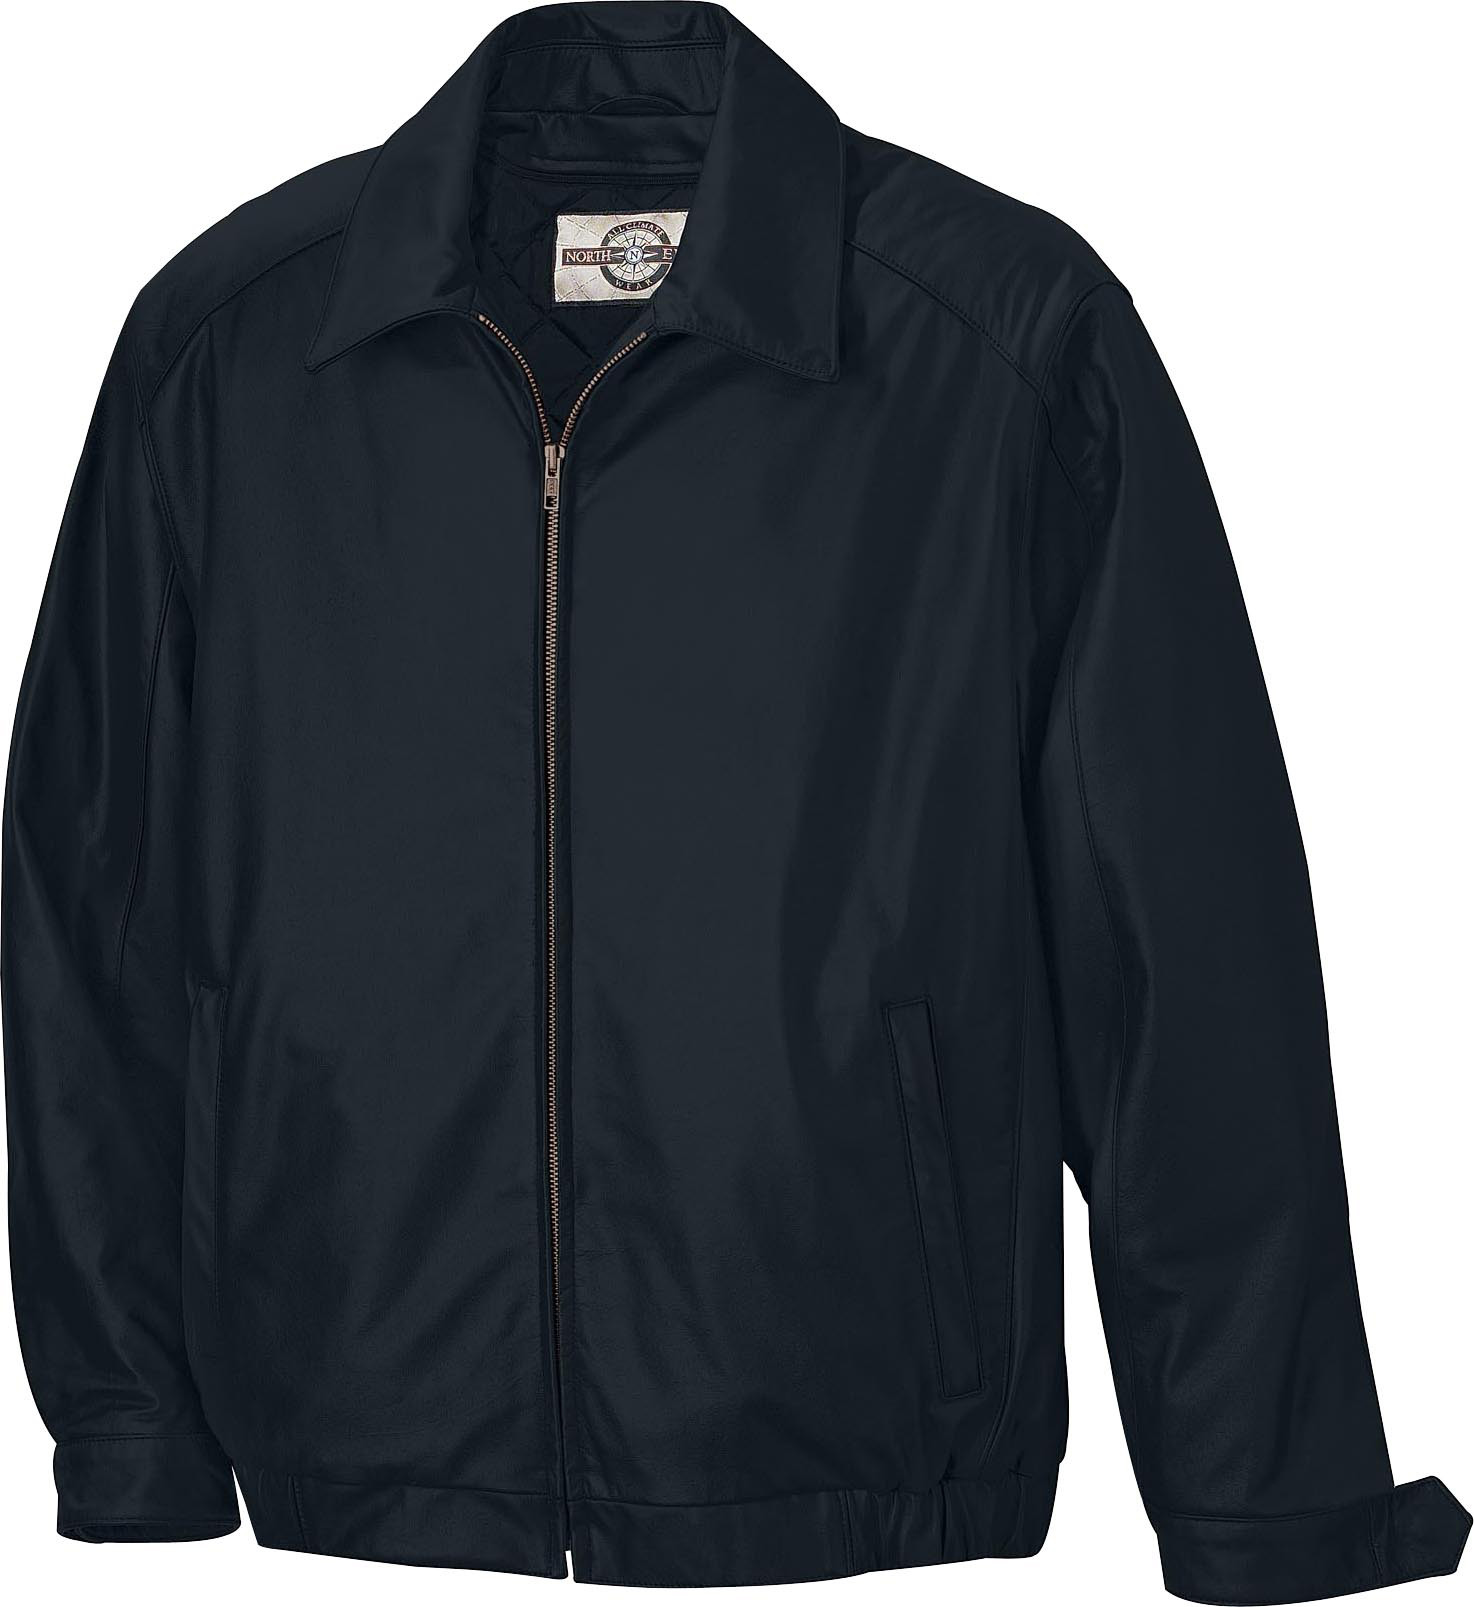 Ash City UTK 1 Warm.Logik 88112 - Men's Leather Bomber Jacket